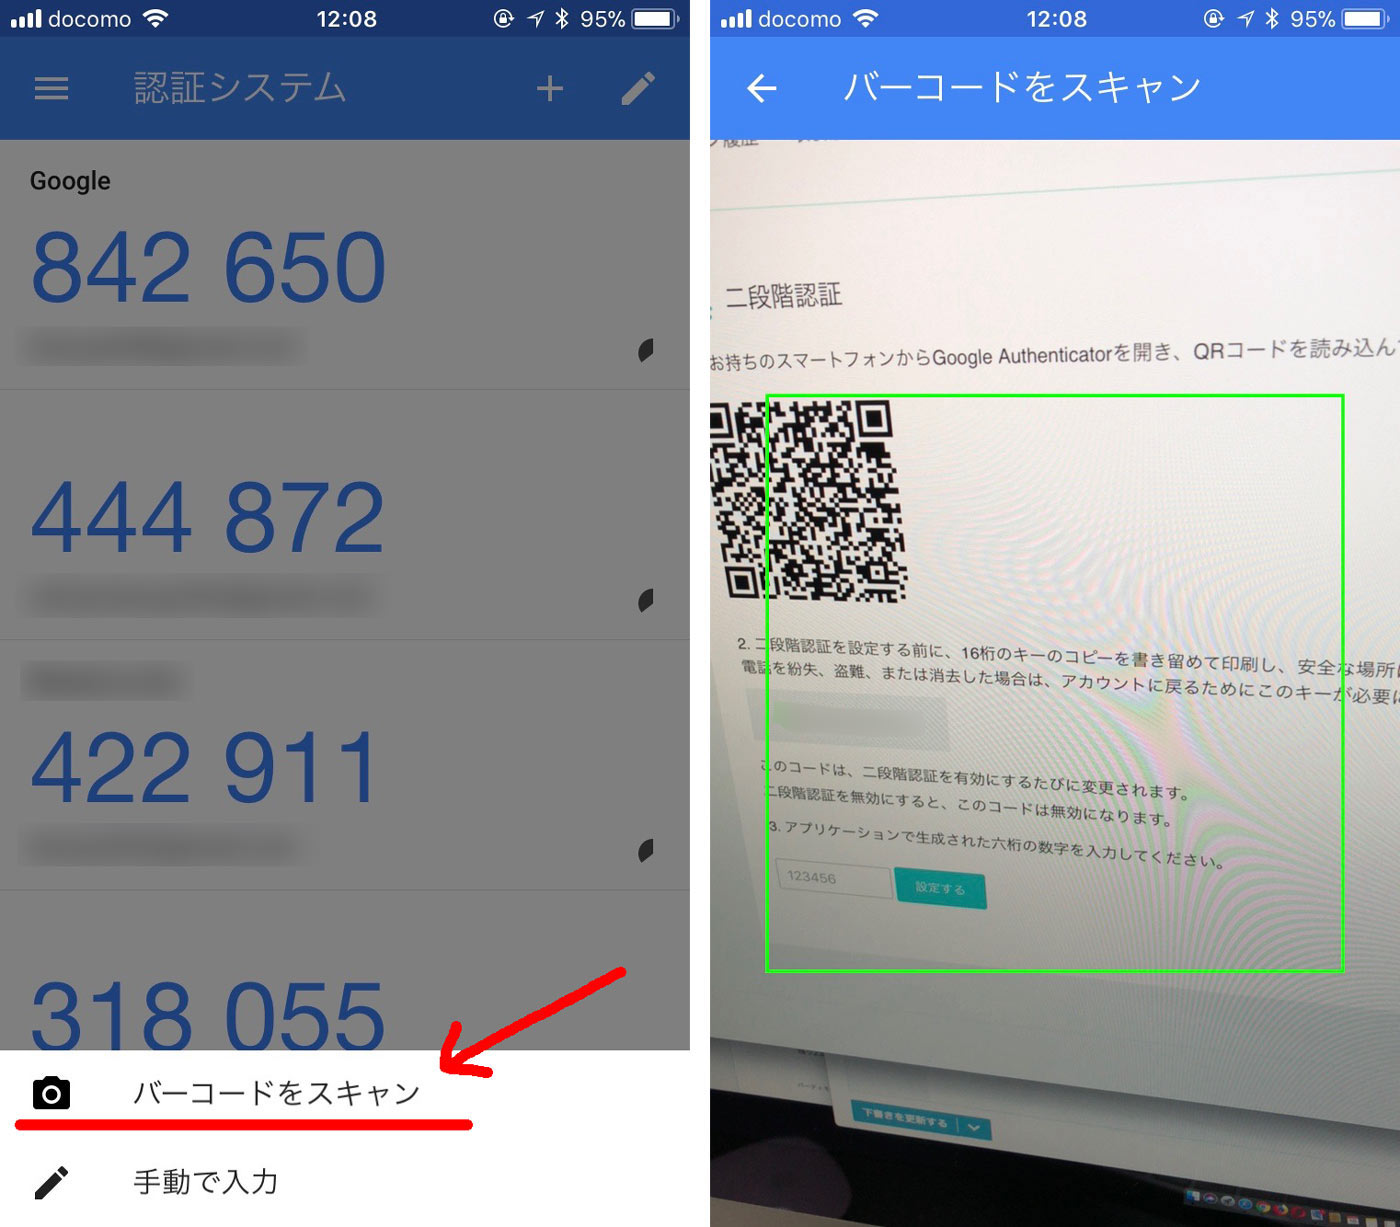 二段階認証 Google Authenticatorアプリの設定